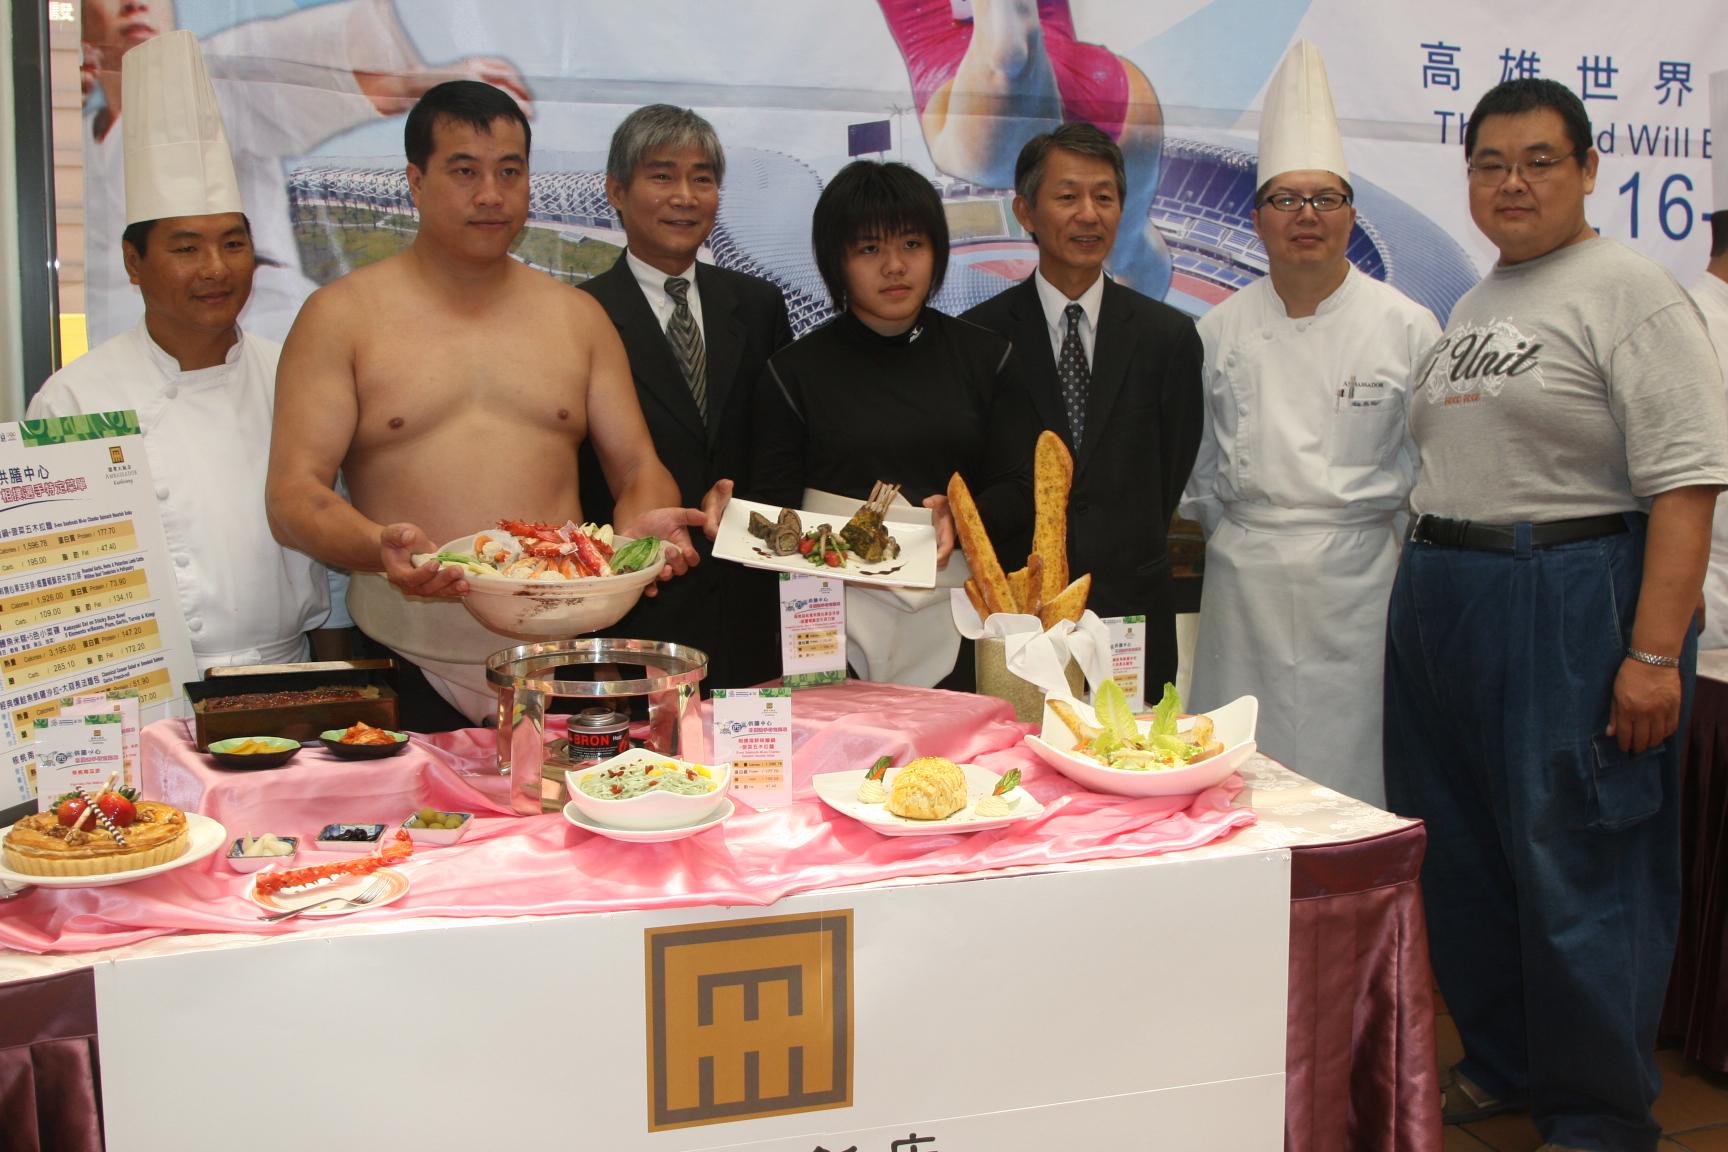 高雄國賓大飯店獲選為『2009高雄世運會供膳中心』